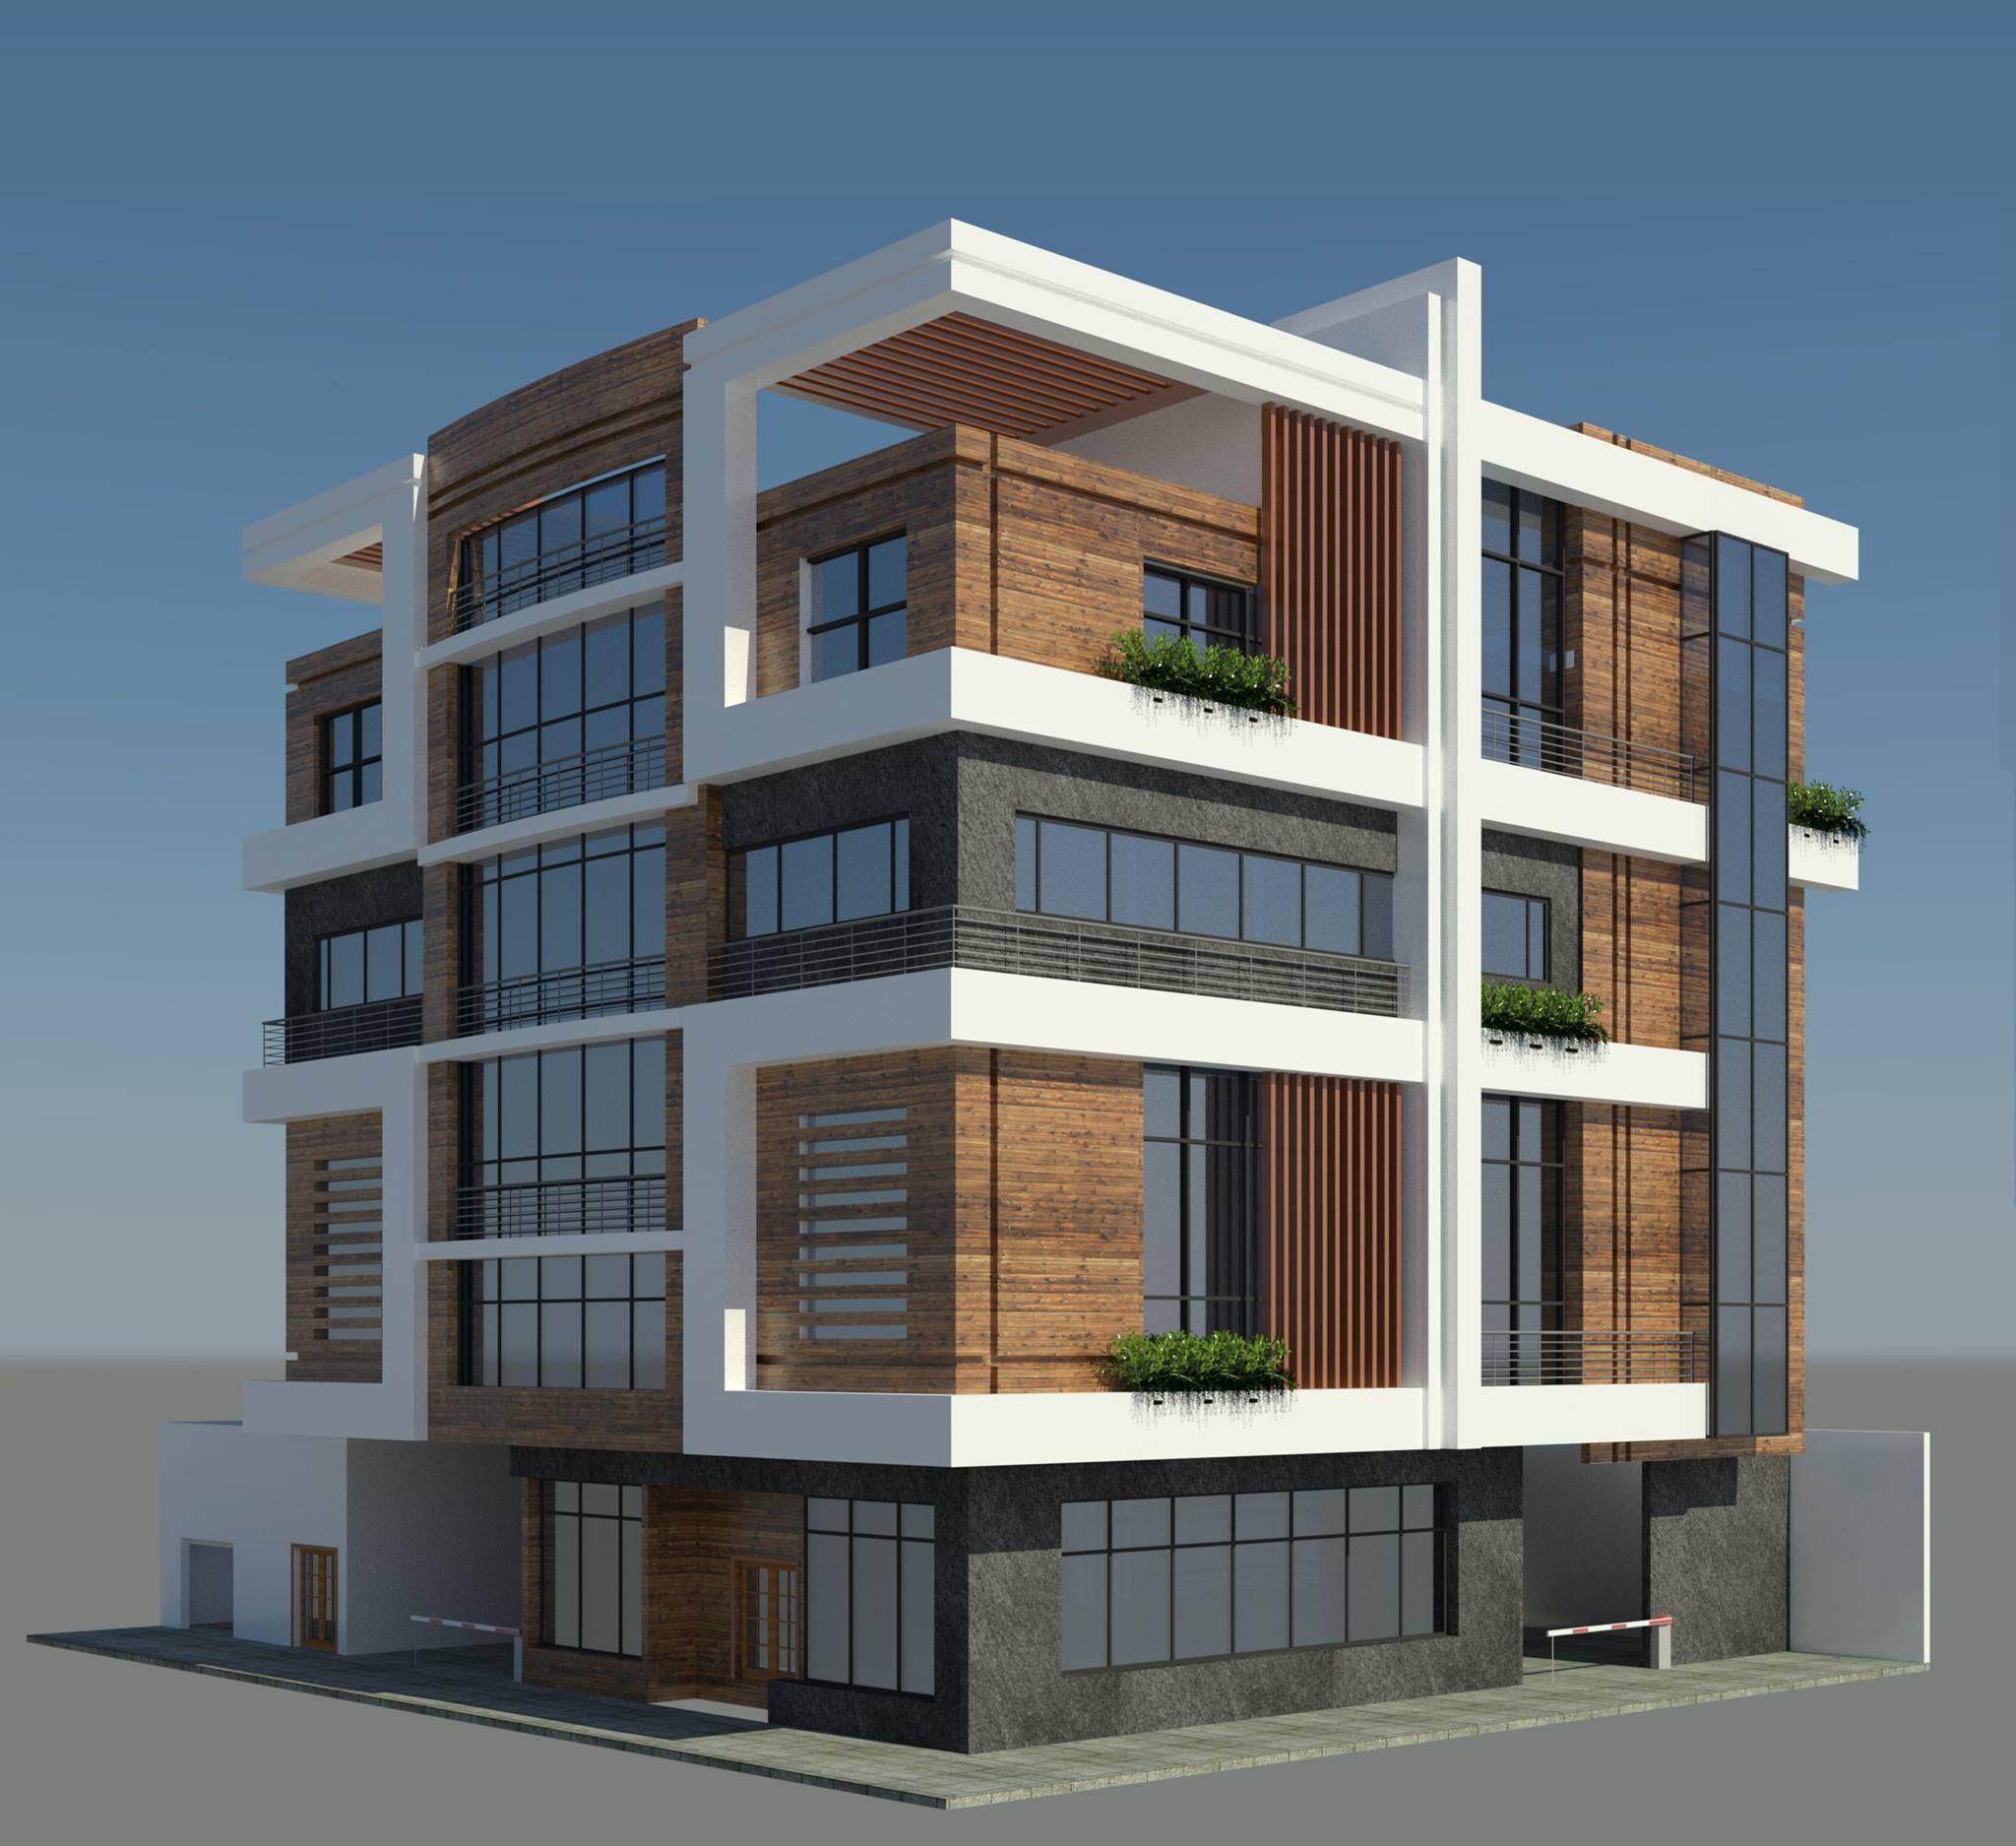 my design -  Residential Building - Makkah - منازل مكة للاستشارات الهندسية